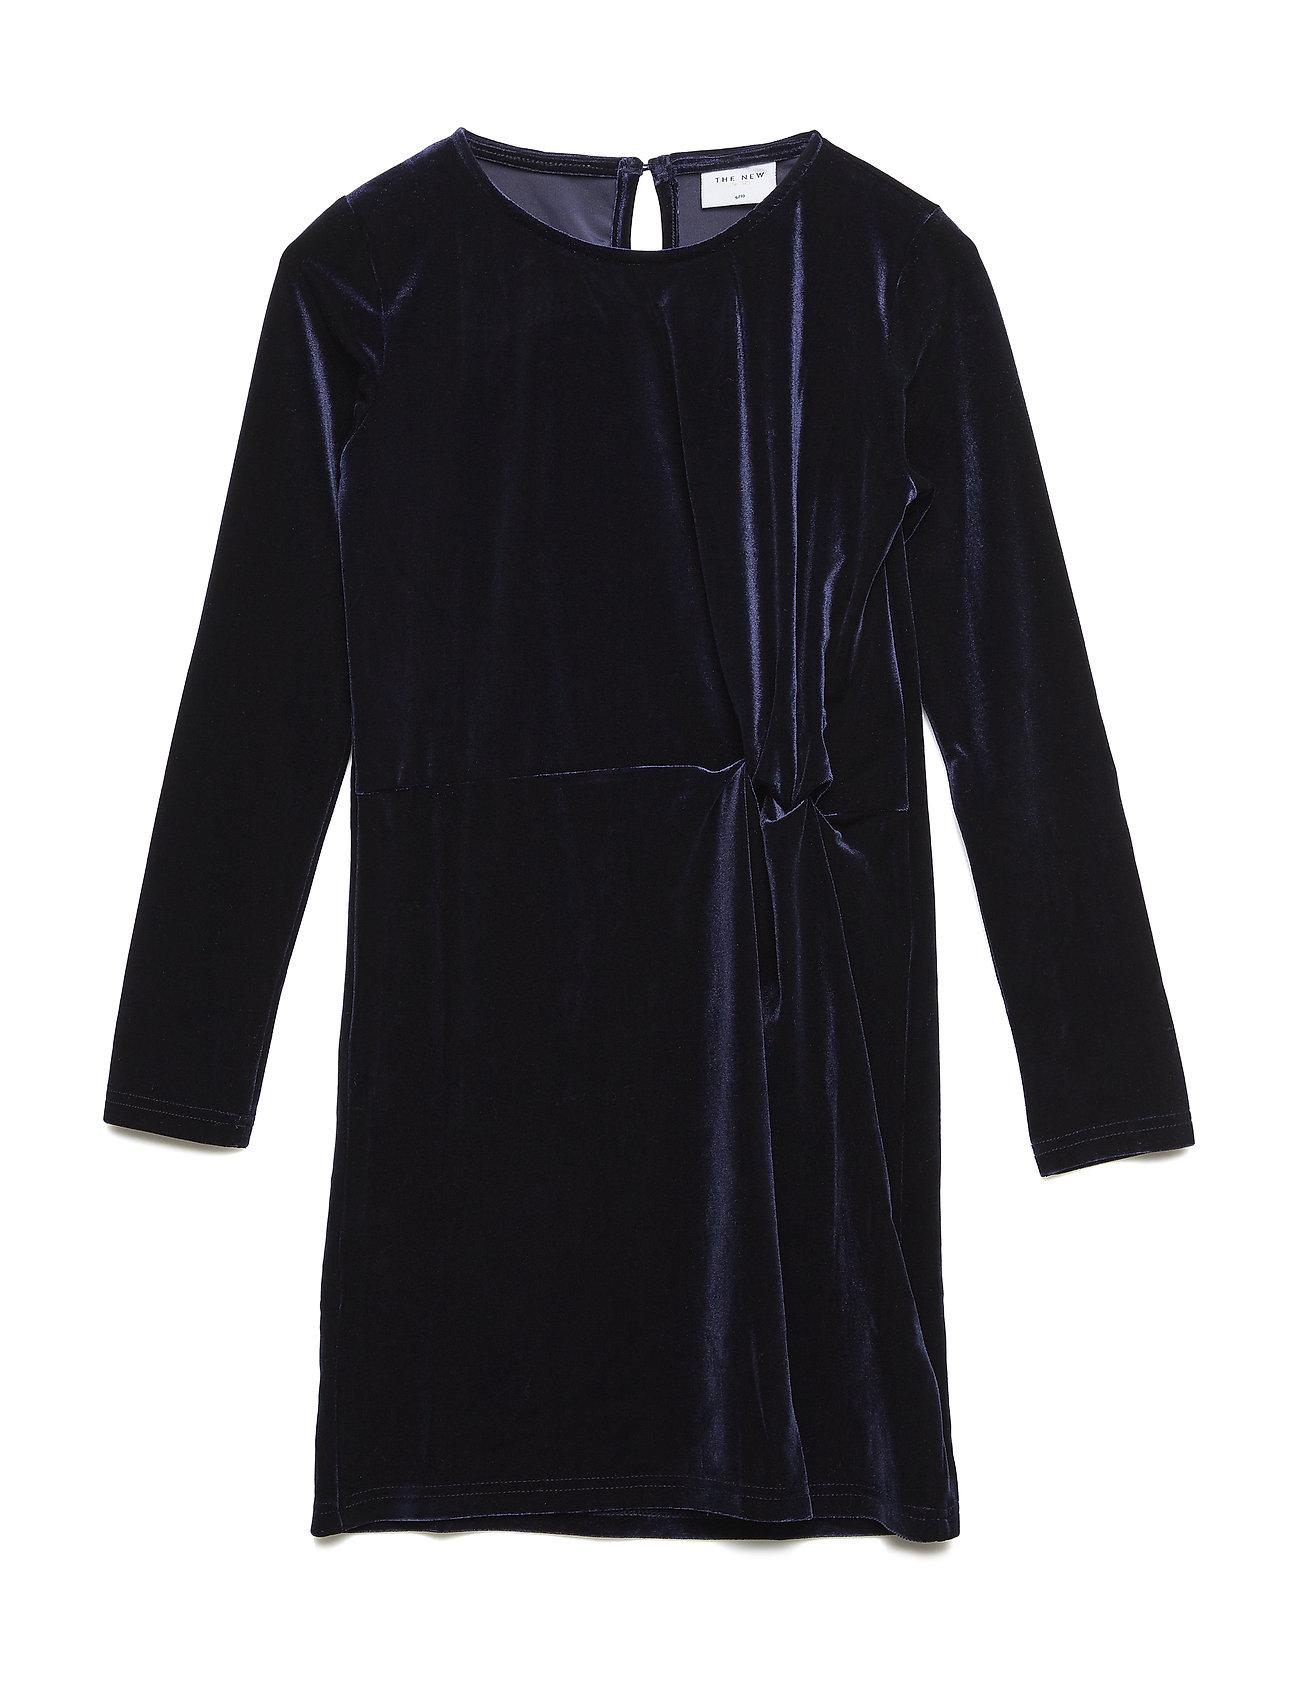 The New JILLA L_S DRESS - BLACK IRIS